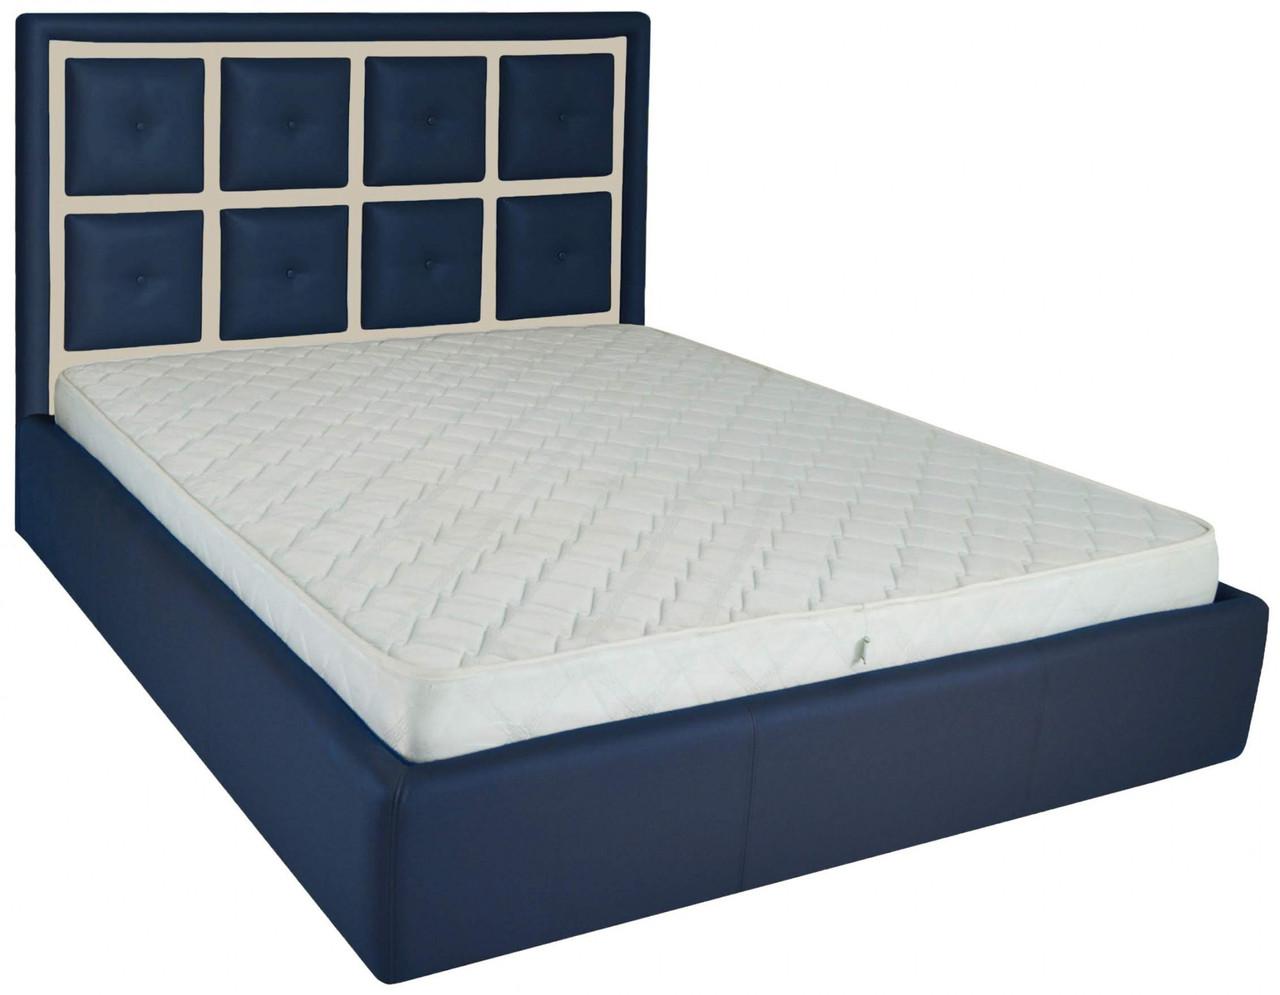 Кровать Двуспальная Richman Виндзор 180 х 200 см Флай 2227/2207 С подъемным механизмом и нишей для белья